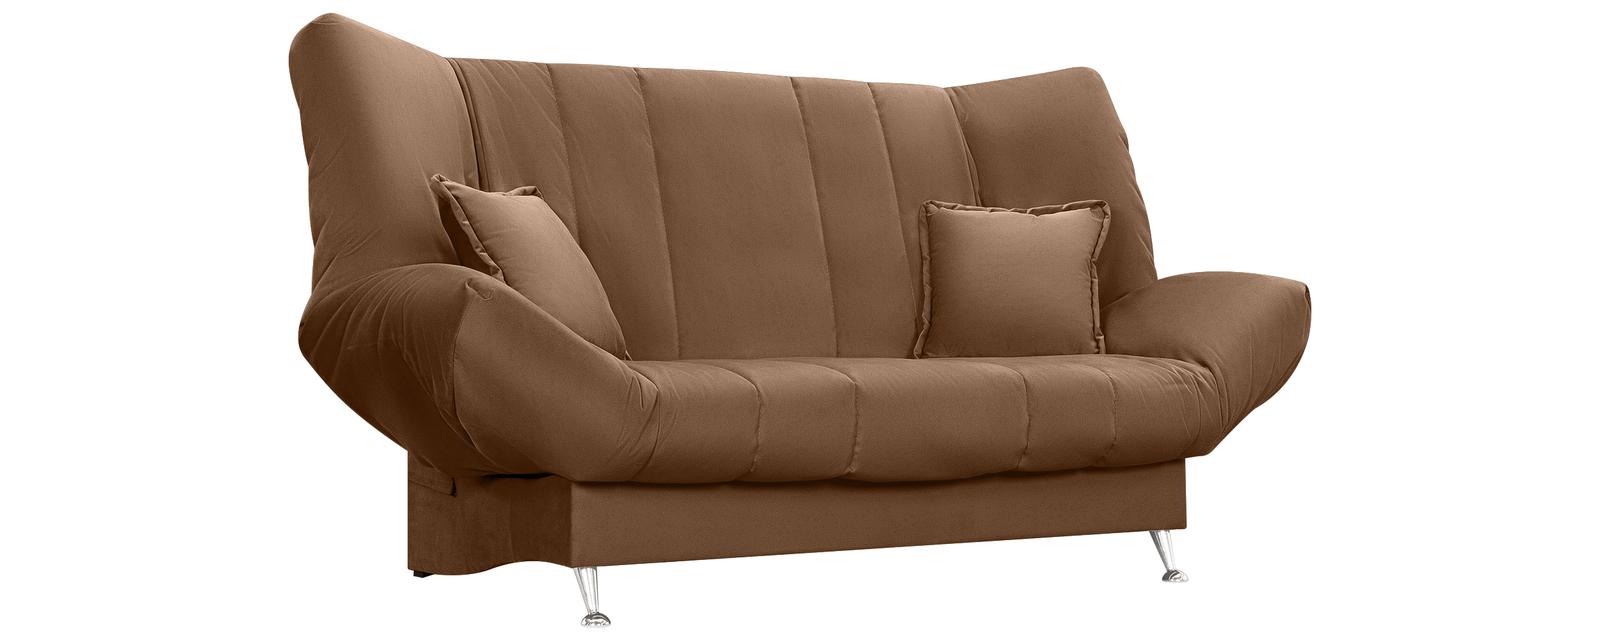 Диван тканевый прямой Санта Velure коричневый (Велюр) Санта